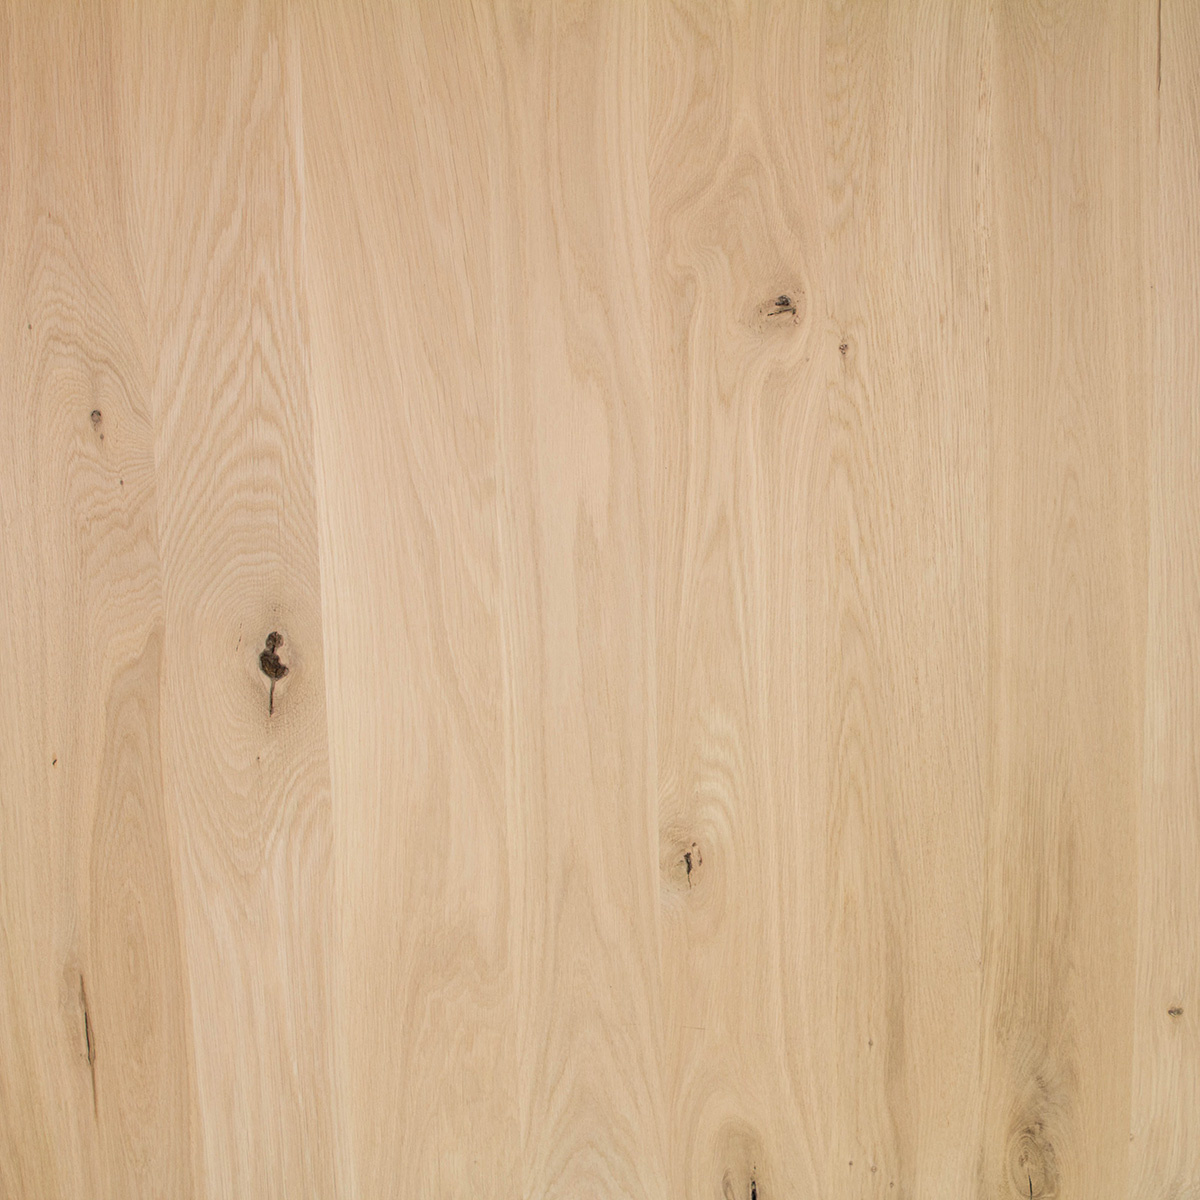 Eiken paneel - 2 cm dik (1-laag) - 122 cm breed - 140 - 300 cm lang in lengtestaffels van 20 cm - rustiek eikenhout kd 8-12% - verlijmd - doorgaande lamellen